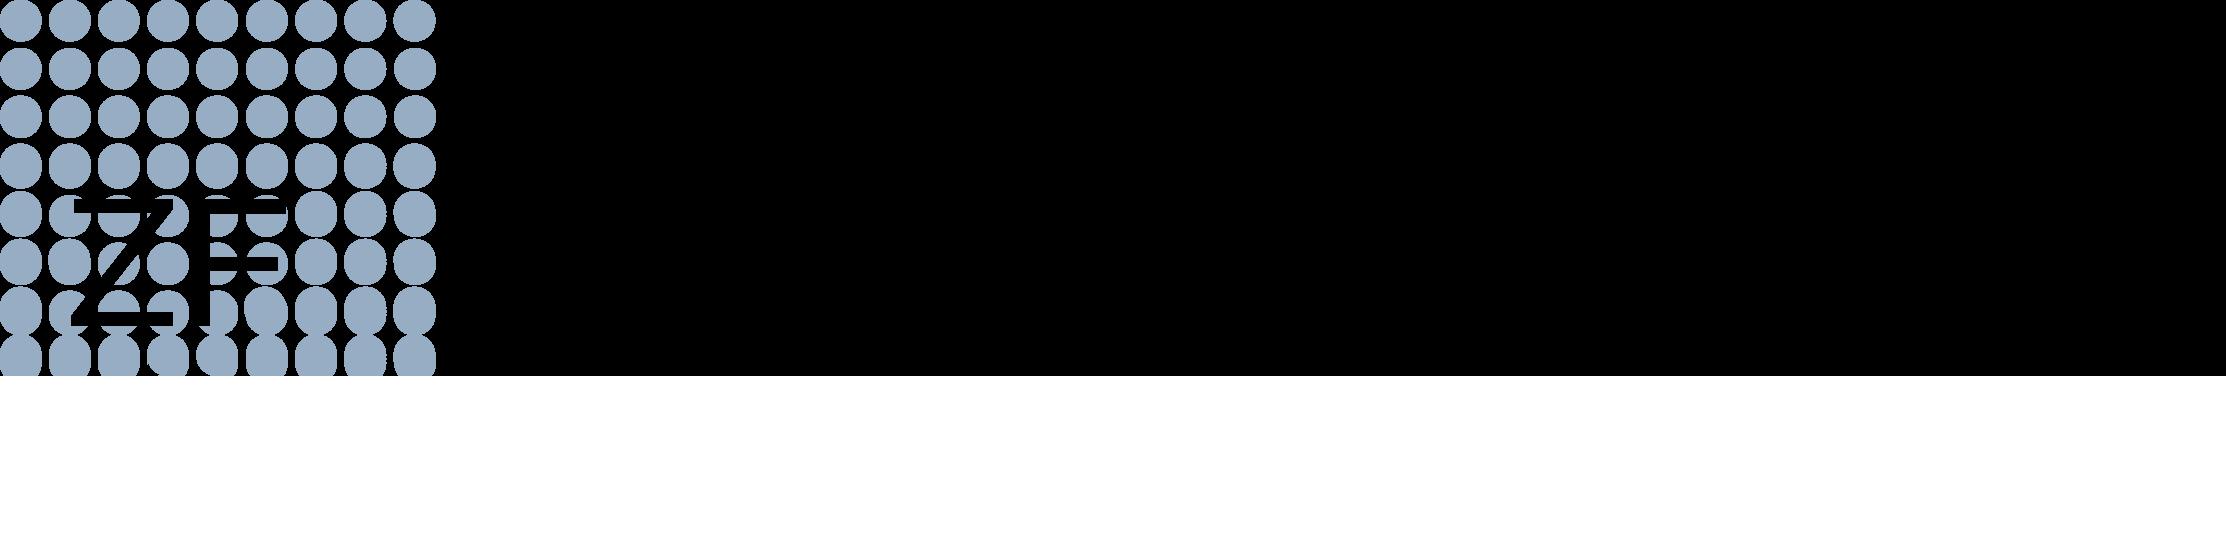 Zenger Folkman Logo